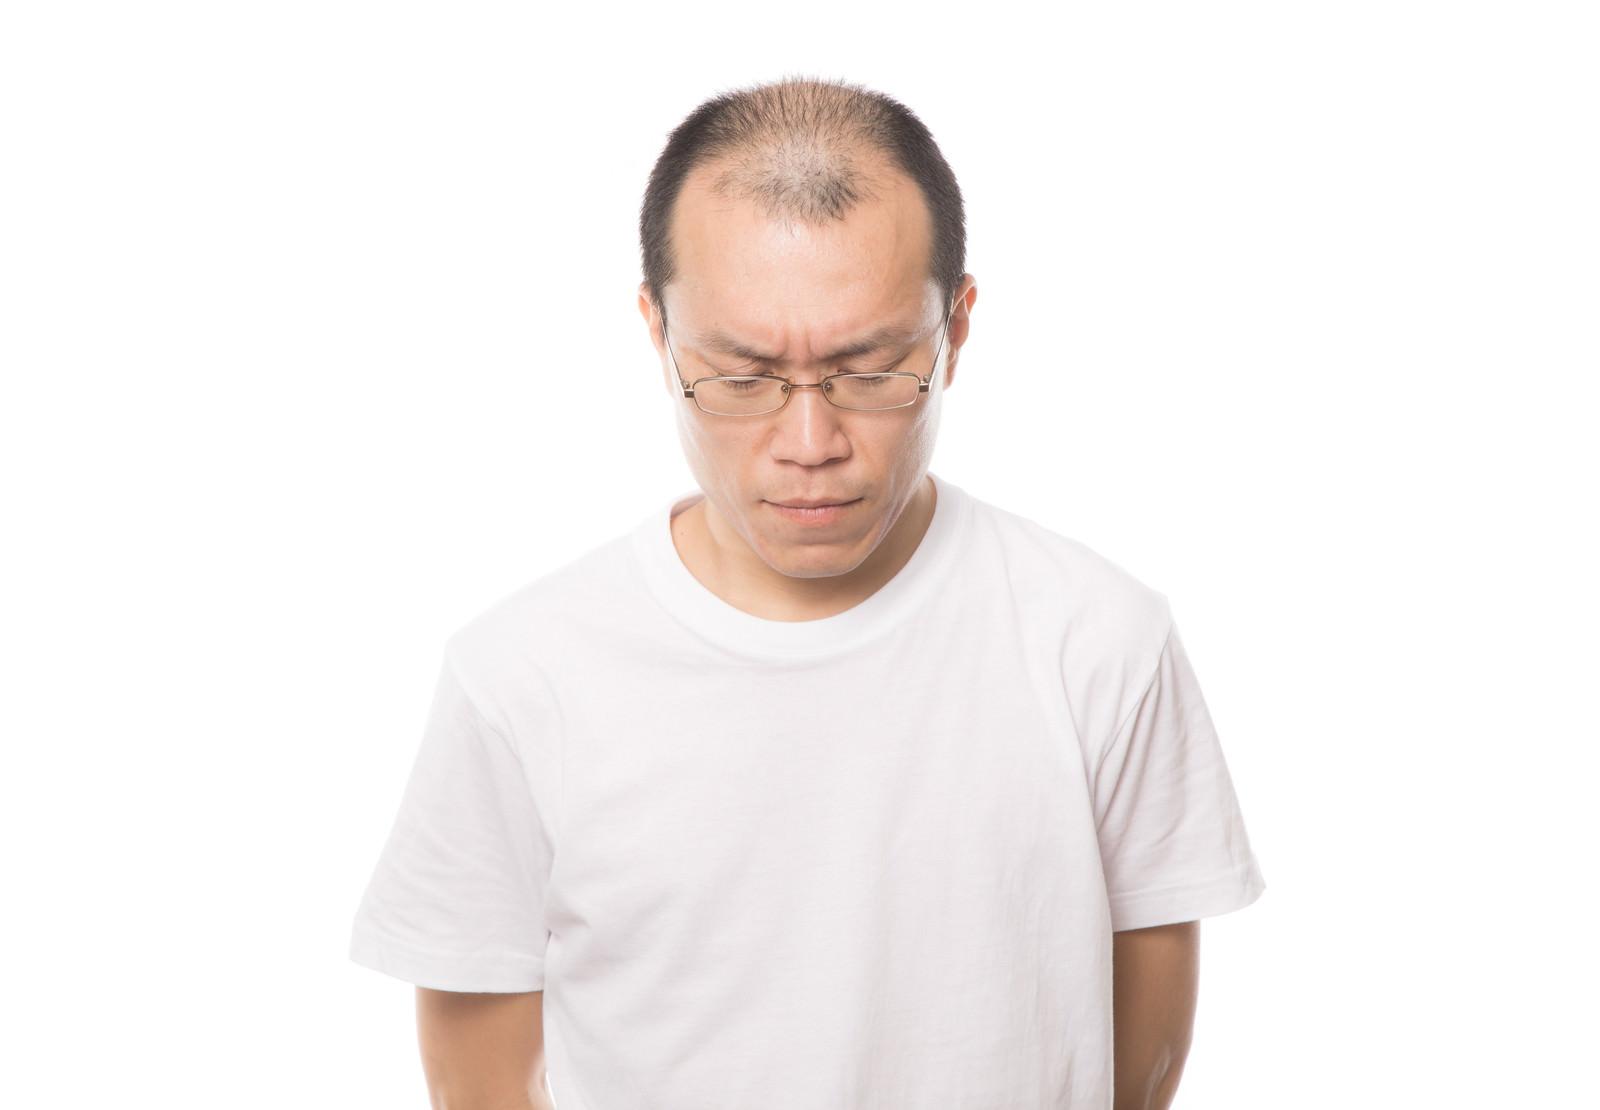 「髪(薄毛)の悩みを深刻に考える男性髪(薄毛)の悩みを深刻に考える男性」[モデル:サンライズ鈴木]のフリー写真素材を拡大